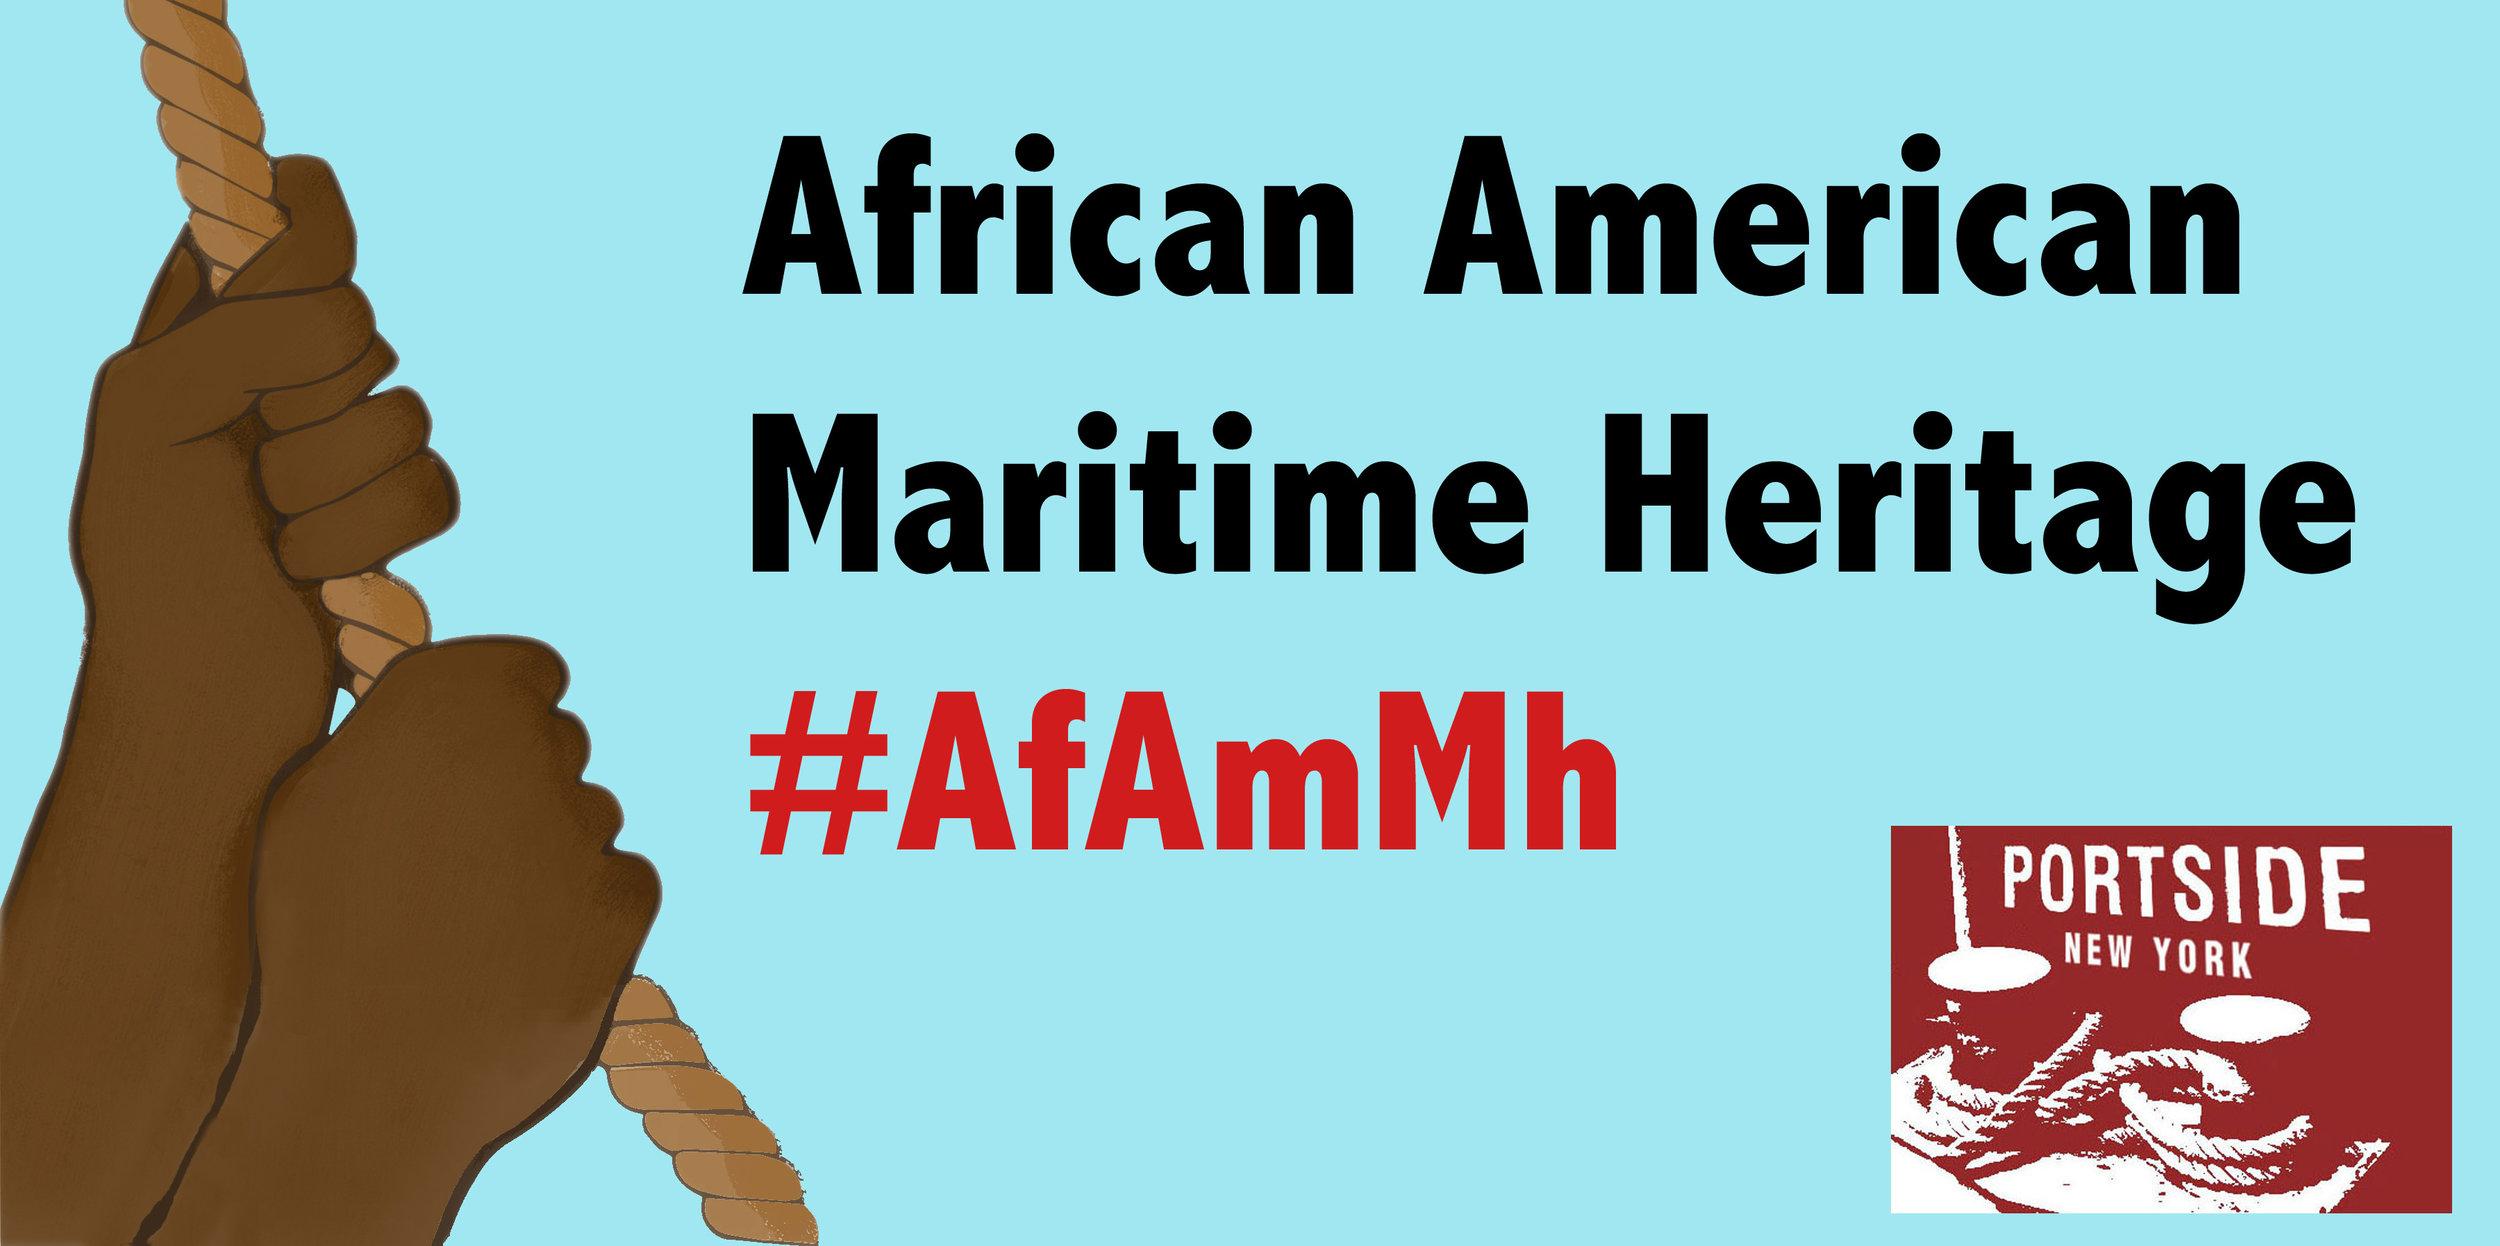 AfAmMH black hands and line banner background.jpg